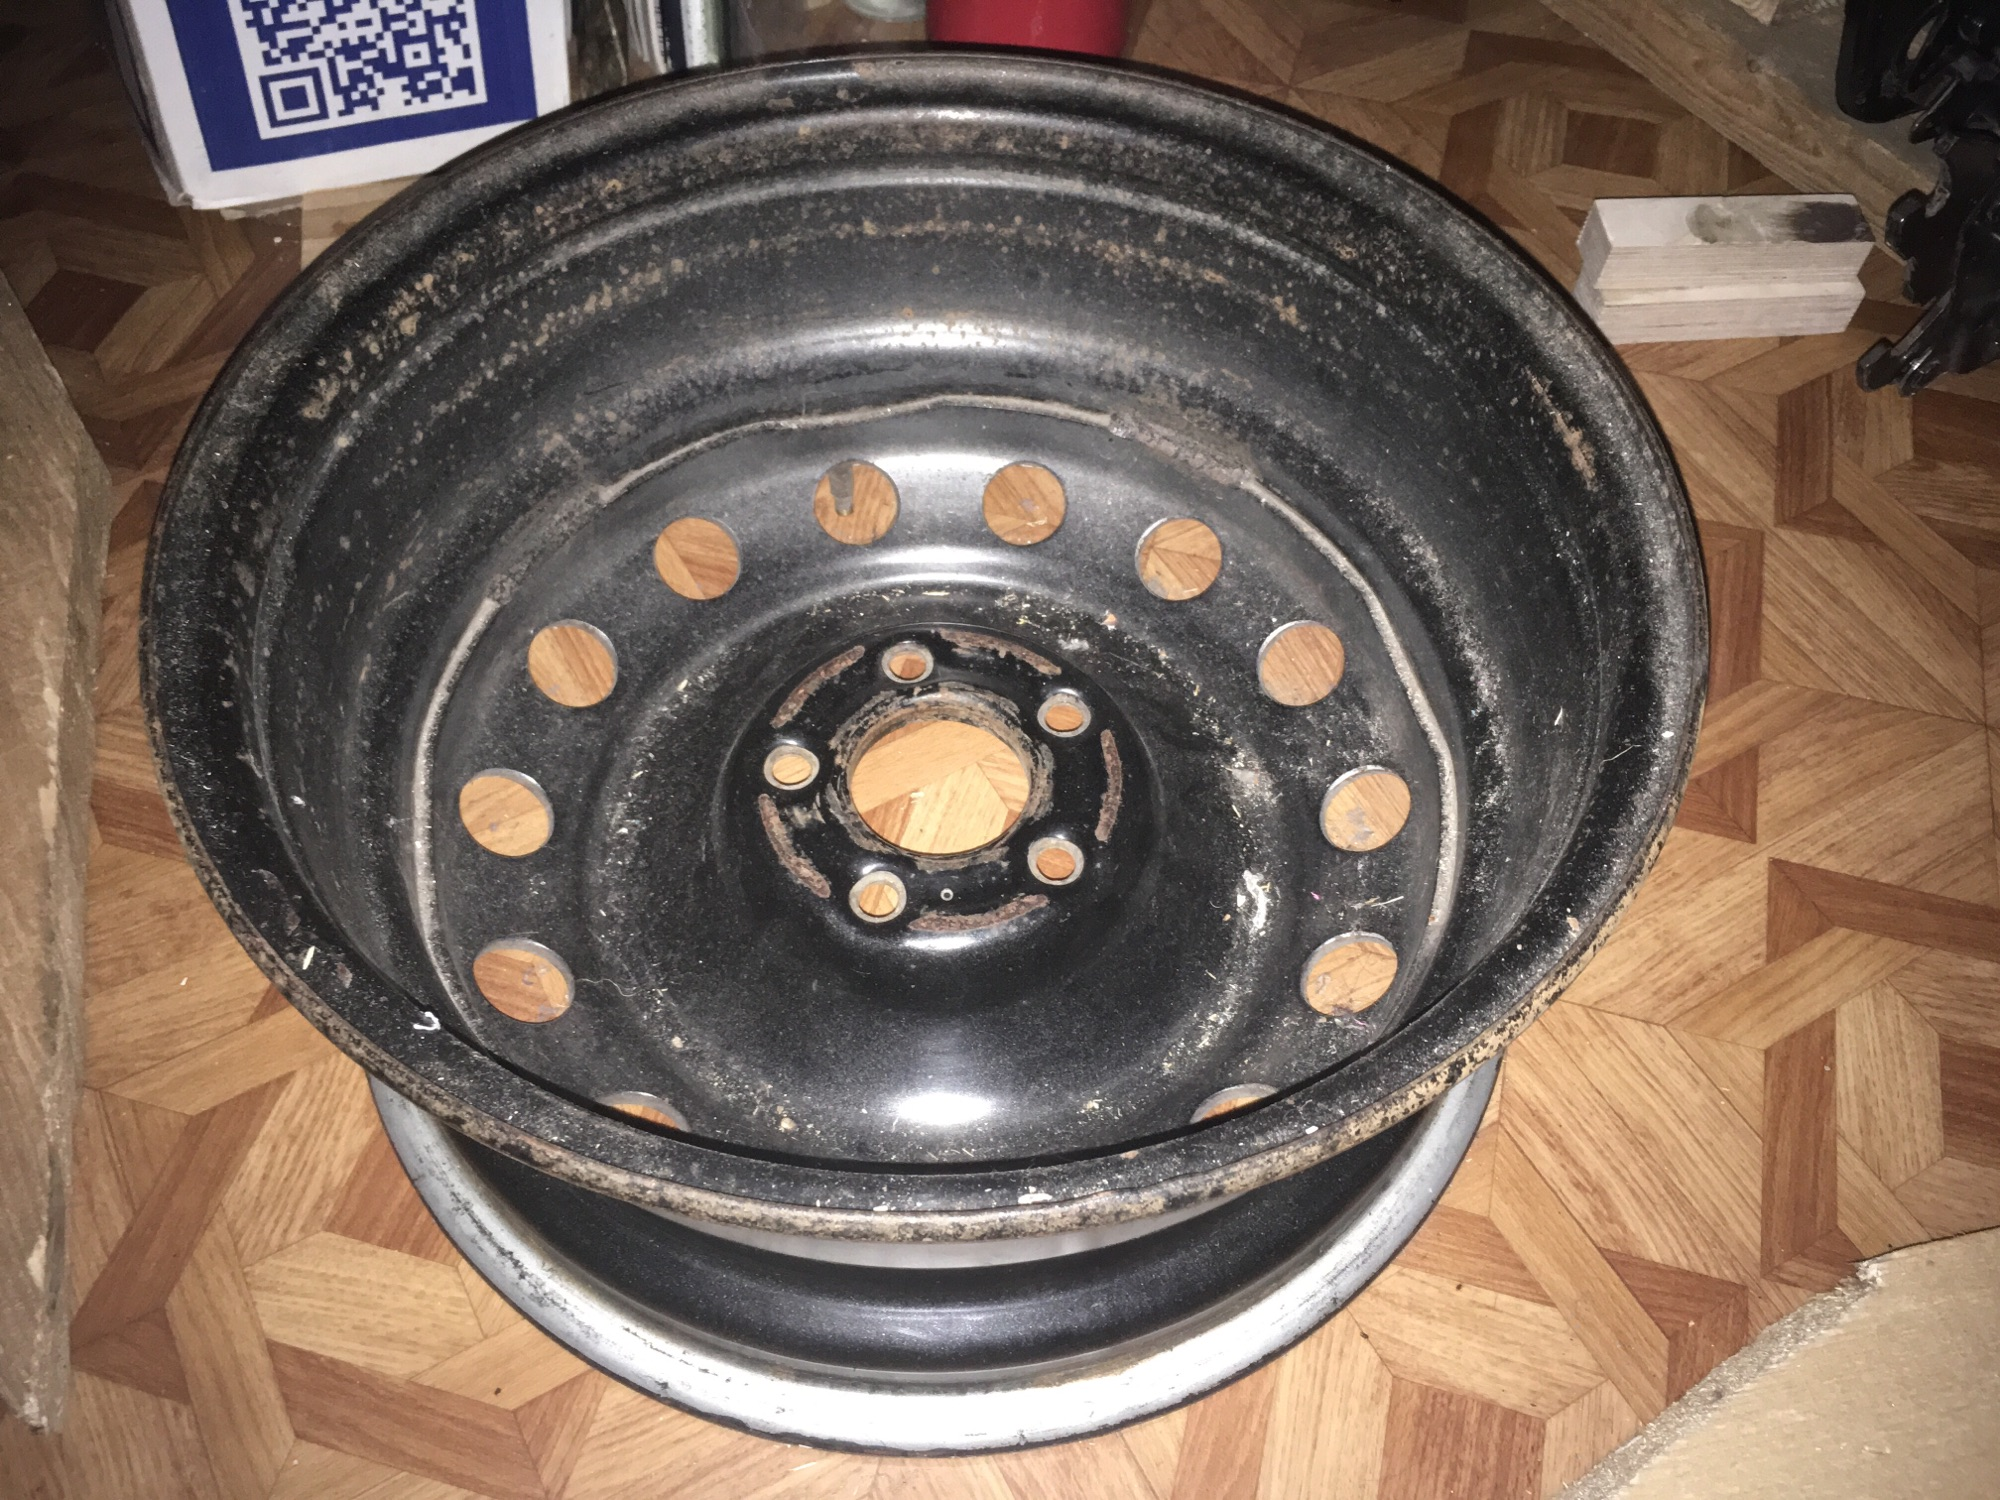 Колесный диск от автомобиля, по которому взбираюсь на кровать.